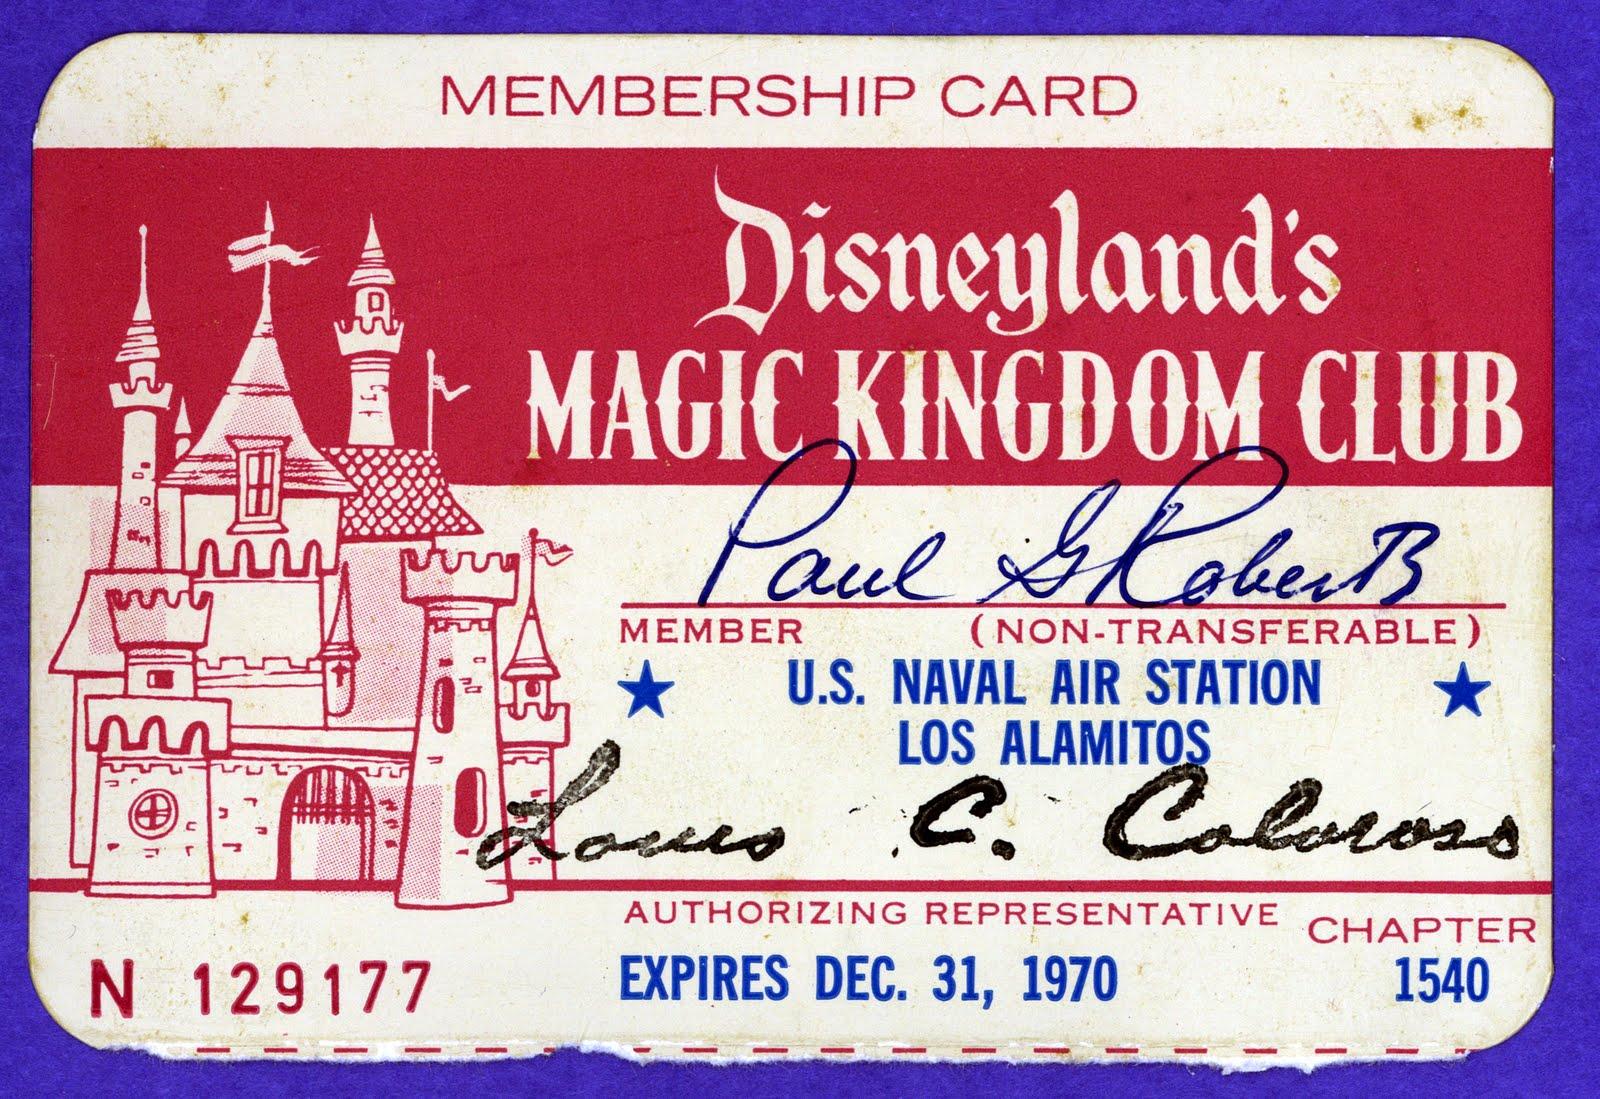 Magic Kingdom Club Membership Card   1970  Club Membership Card Template